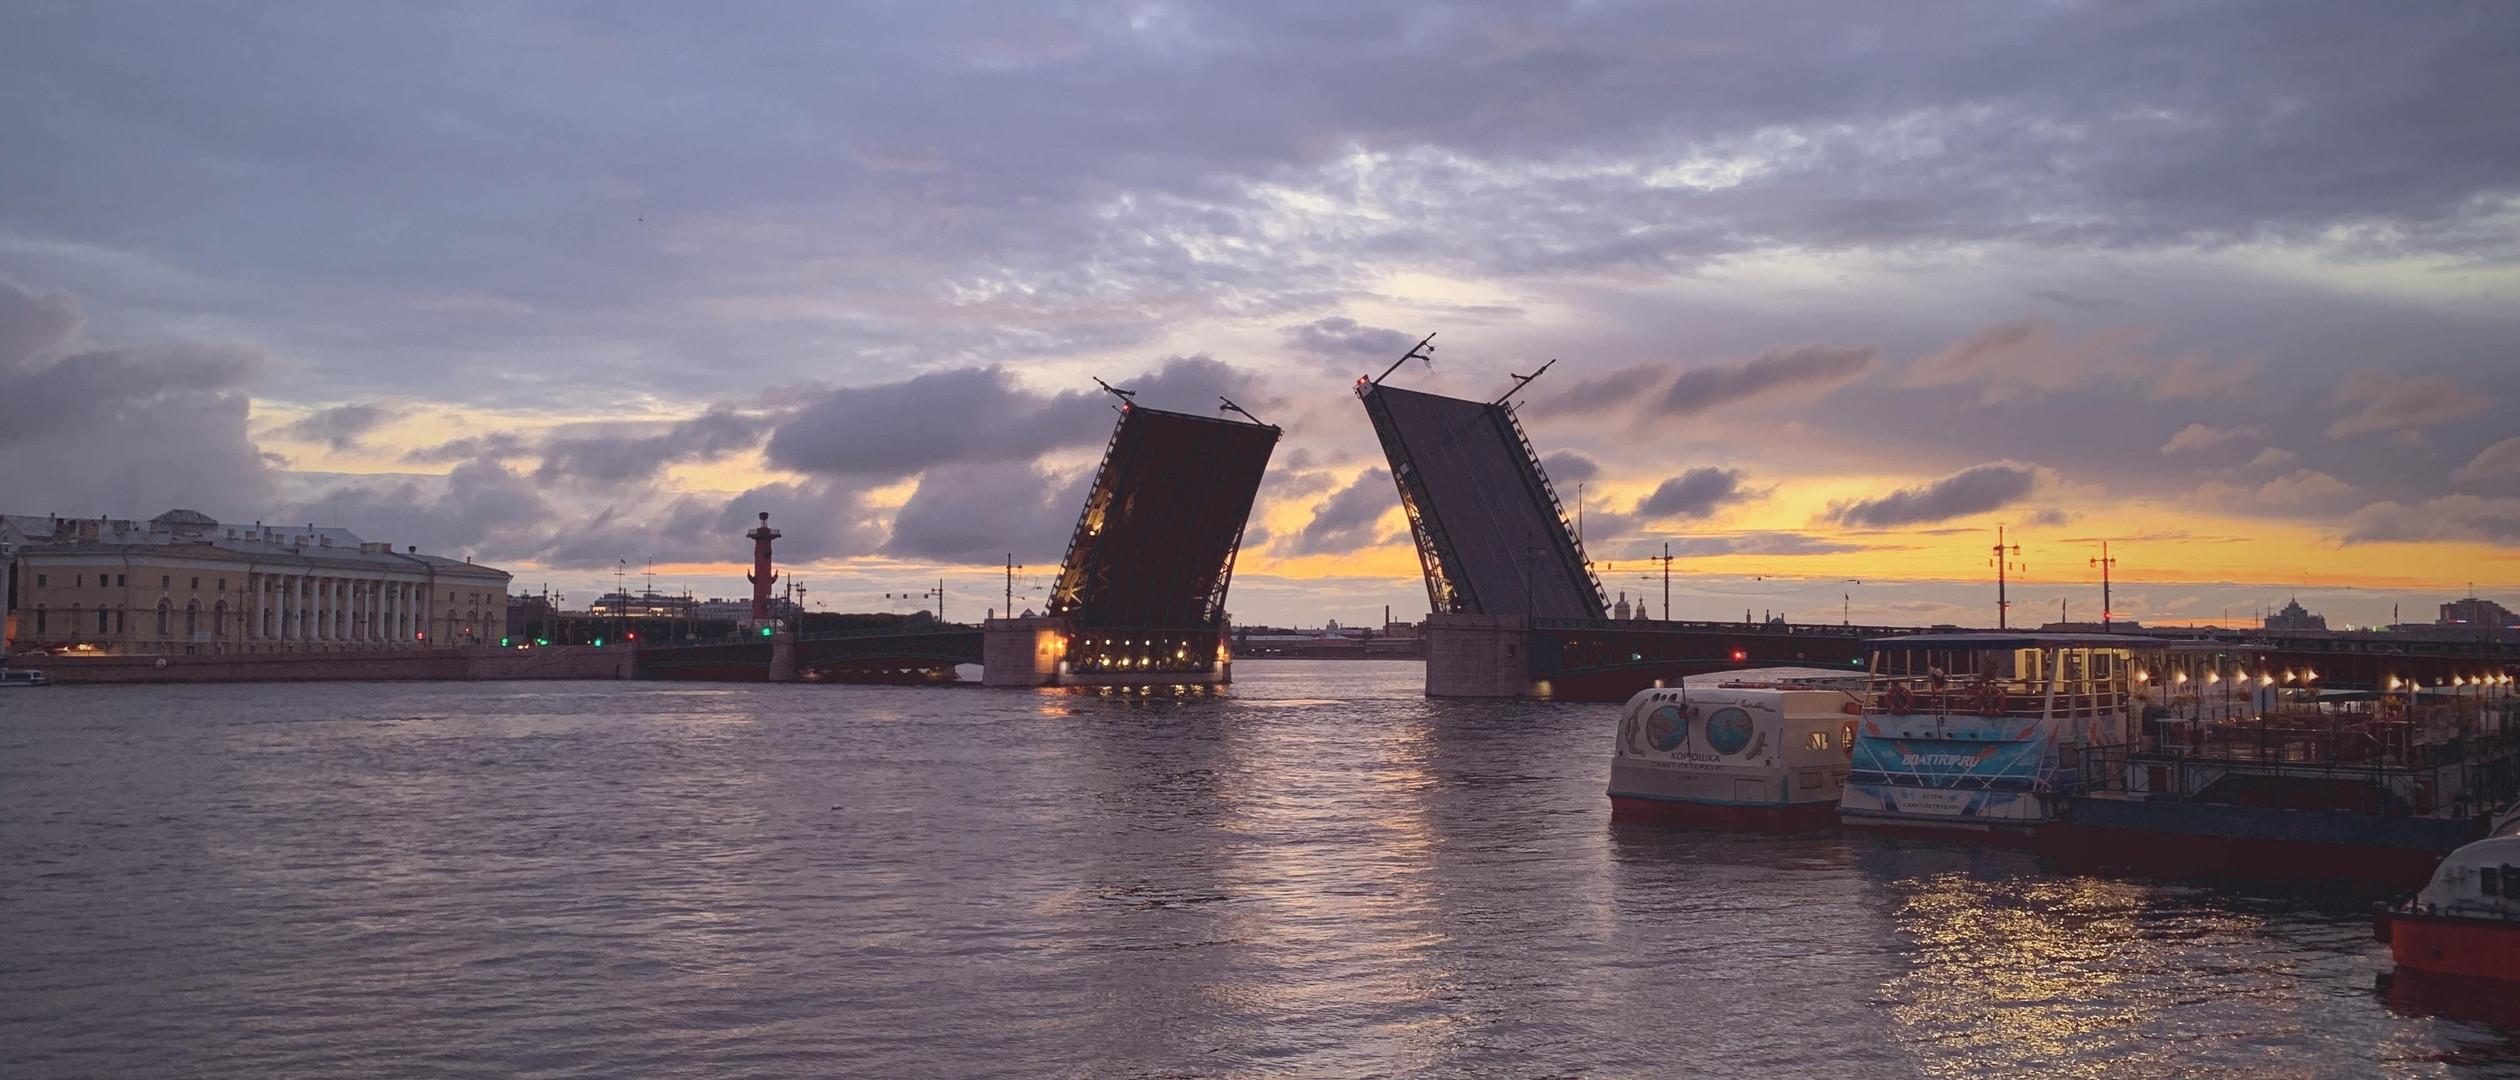 Дворцовый мост Санкт-Петербург.jpg